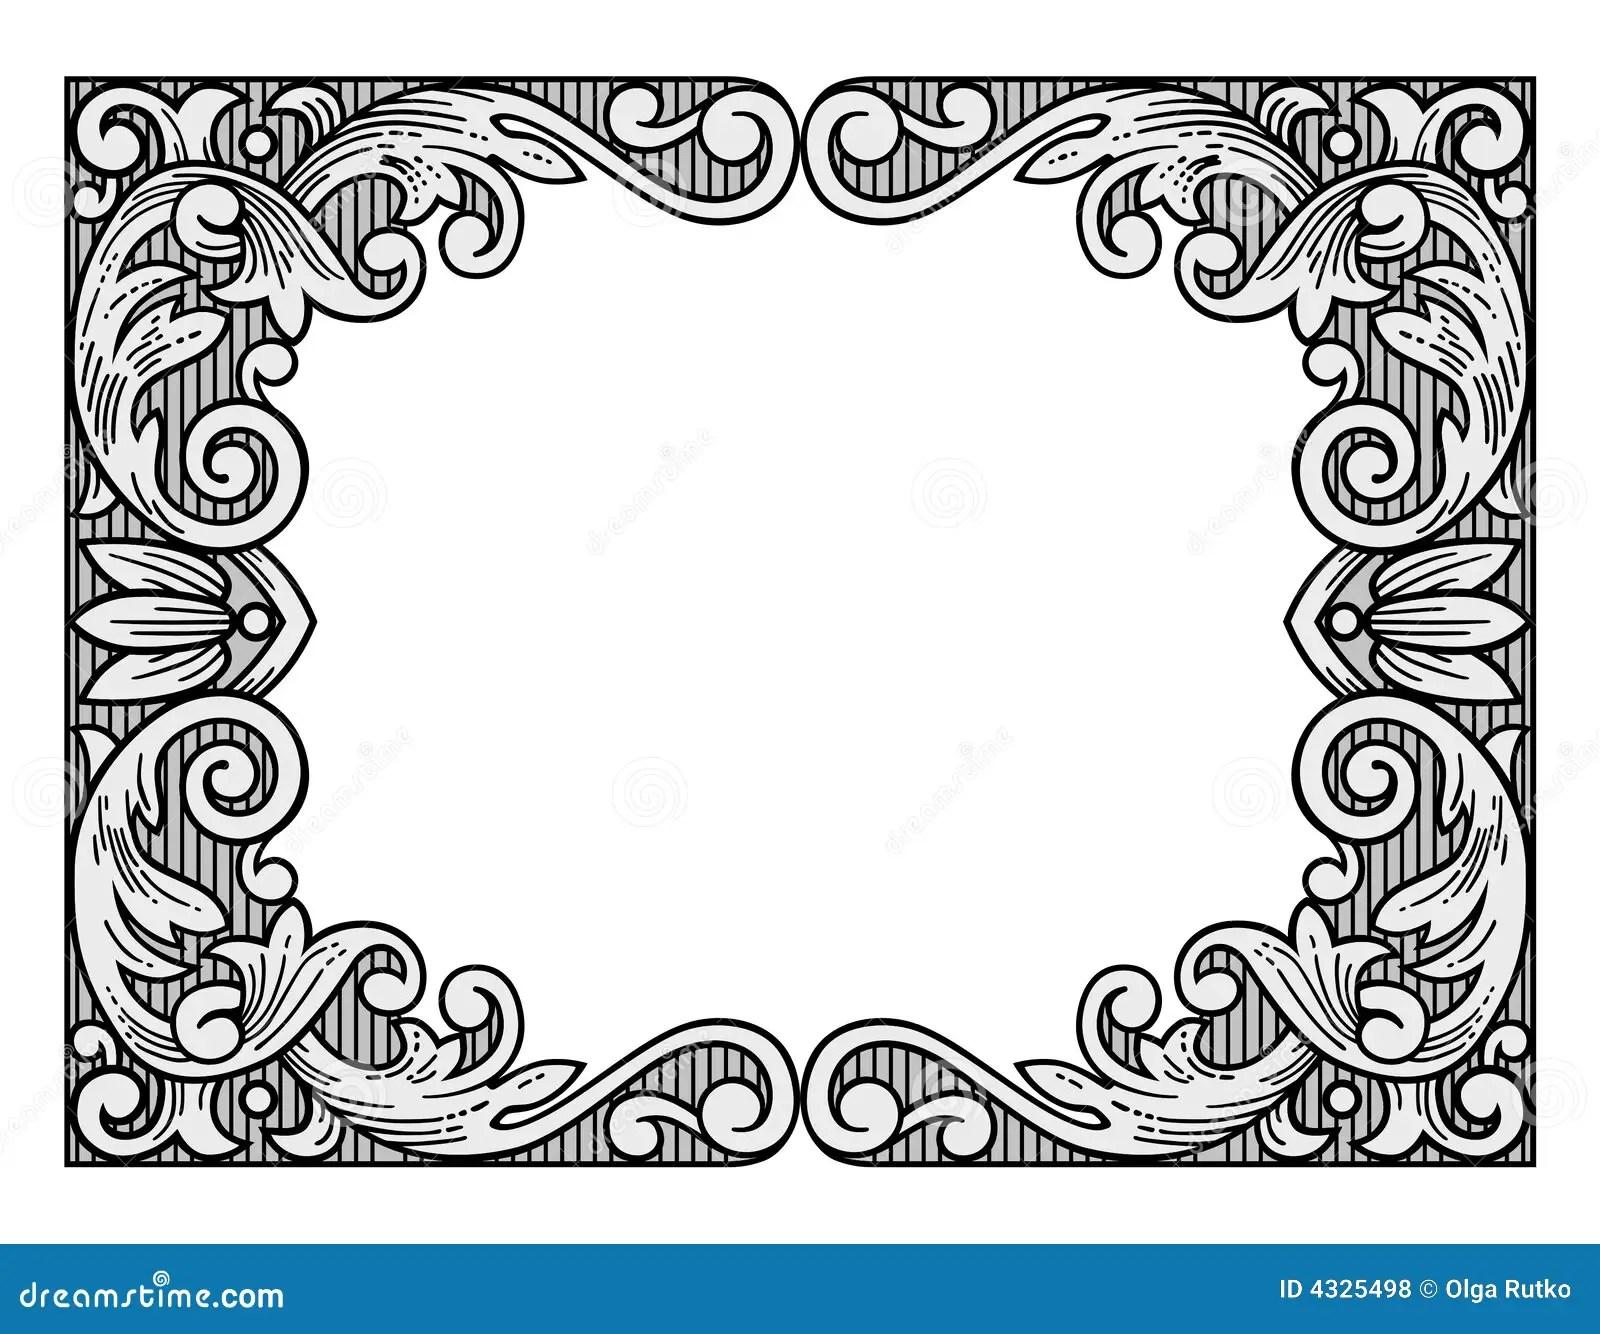 Flower Engraving Frame Stock Vector Illustration Of Retro